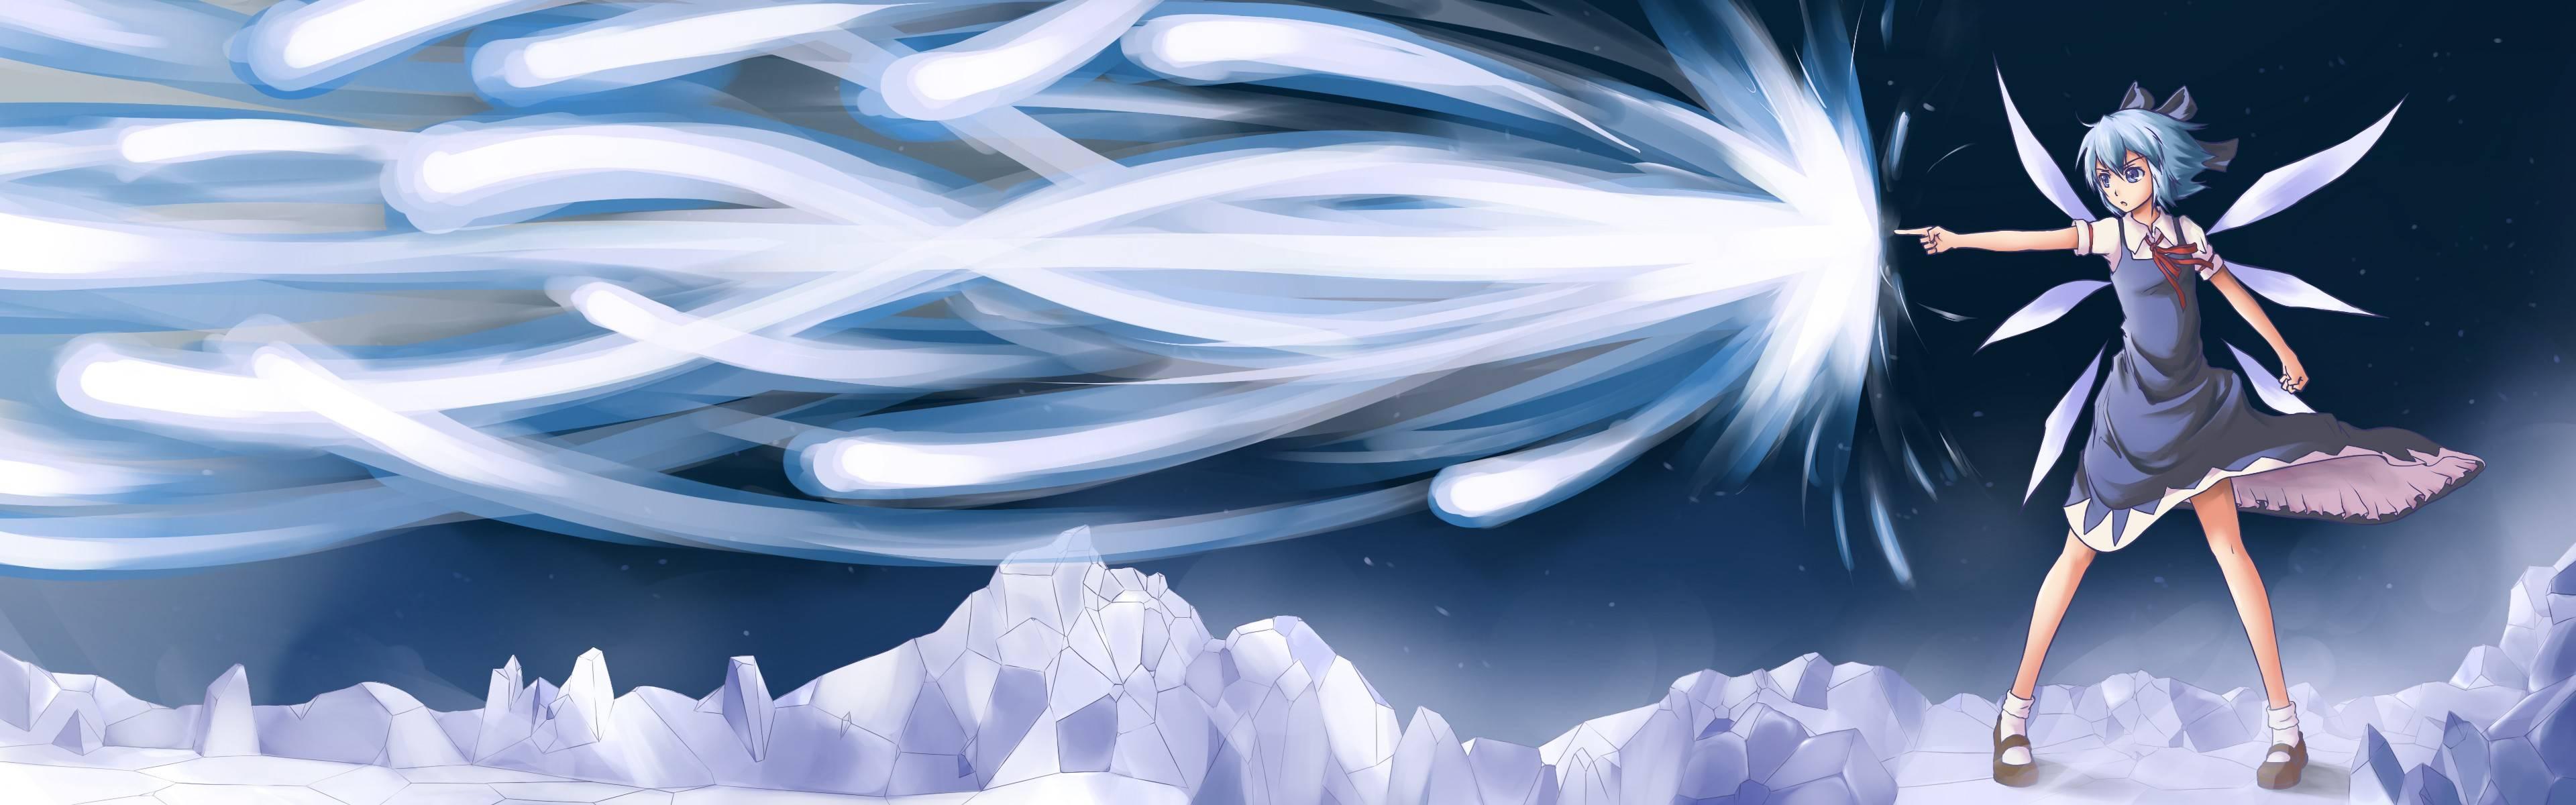 Touhou Hd Flandre Scarlet Wallpaper Wallpapertube 3840x1200